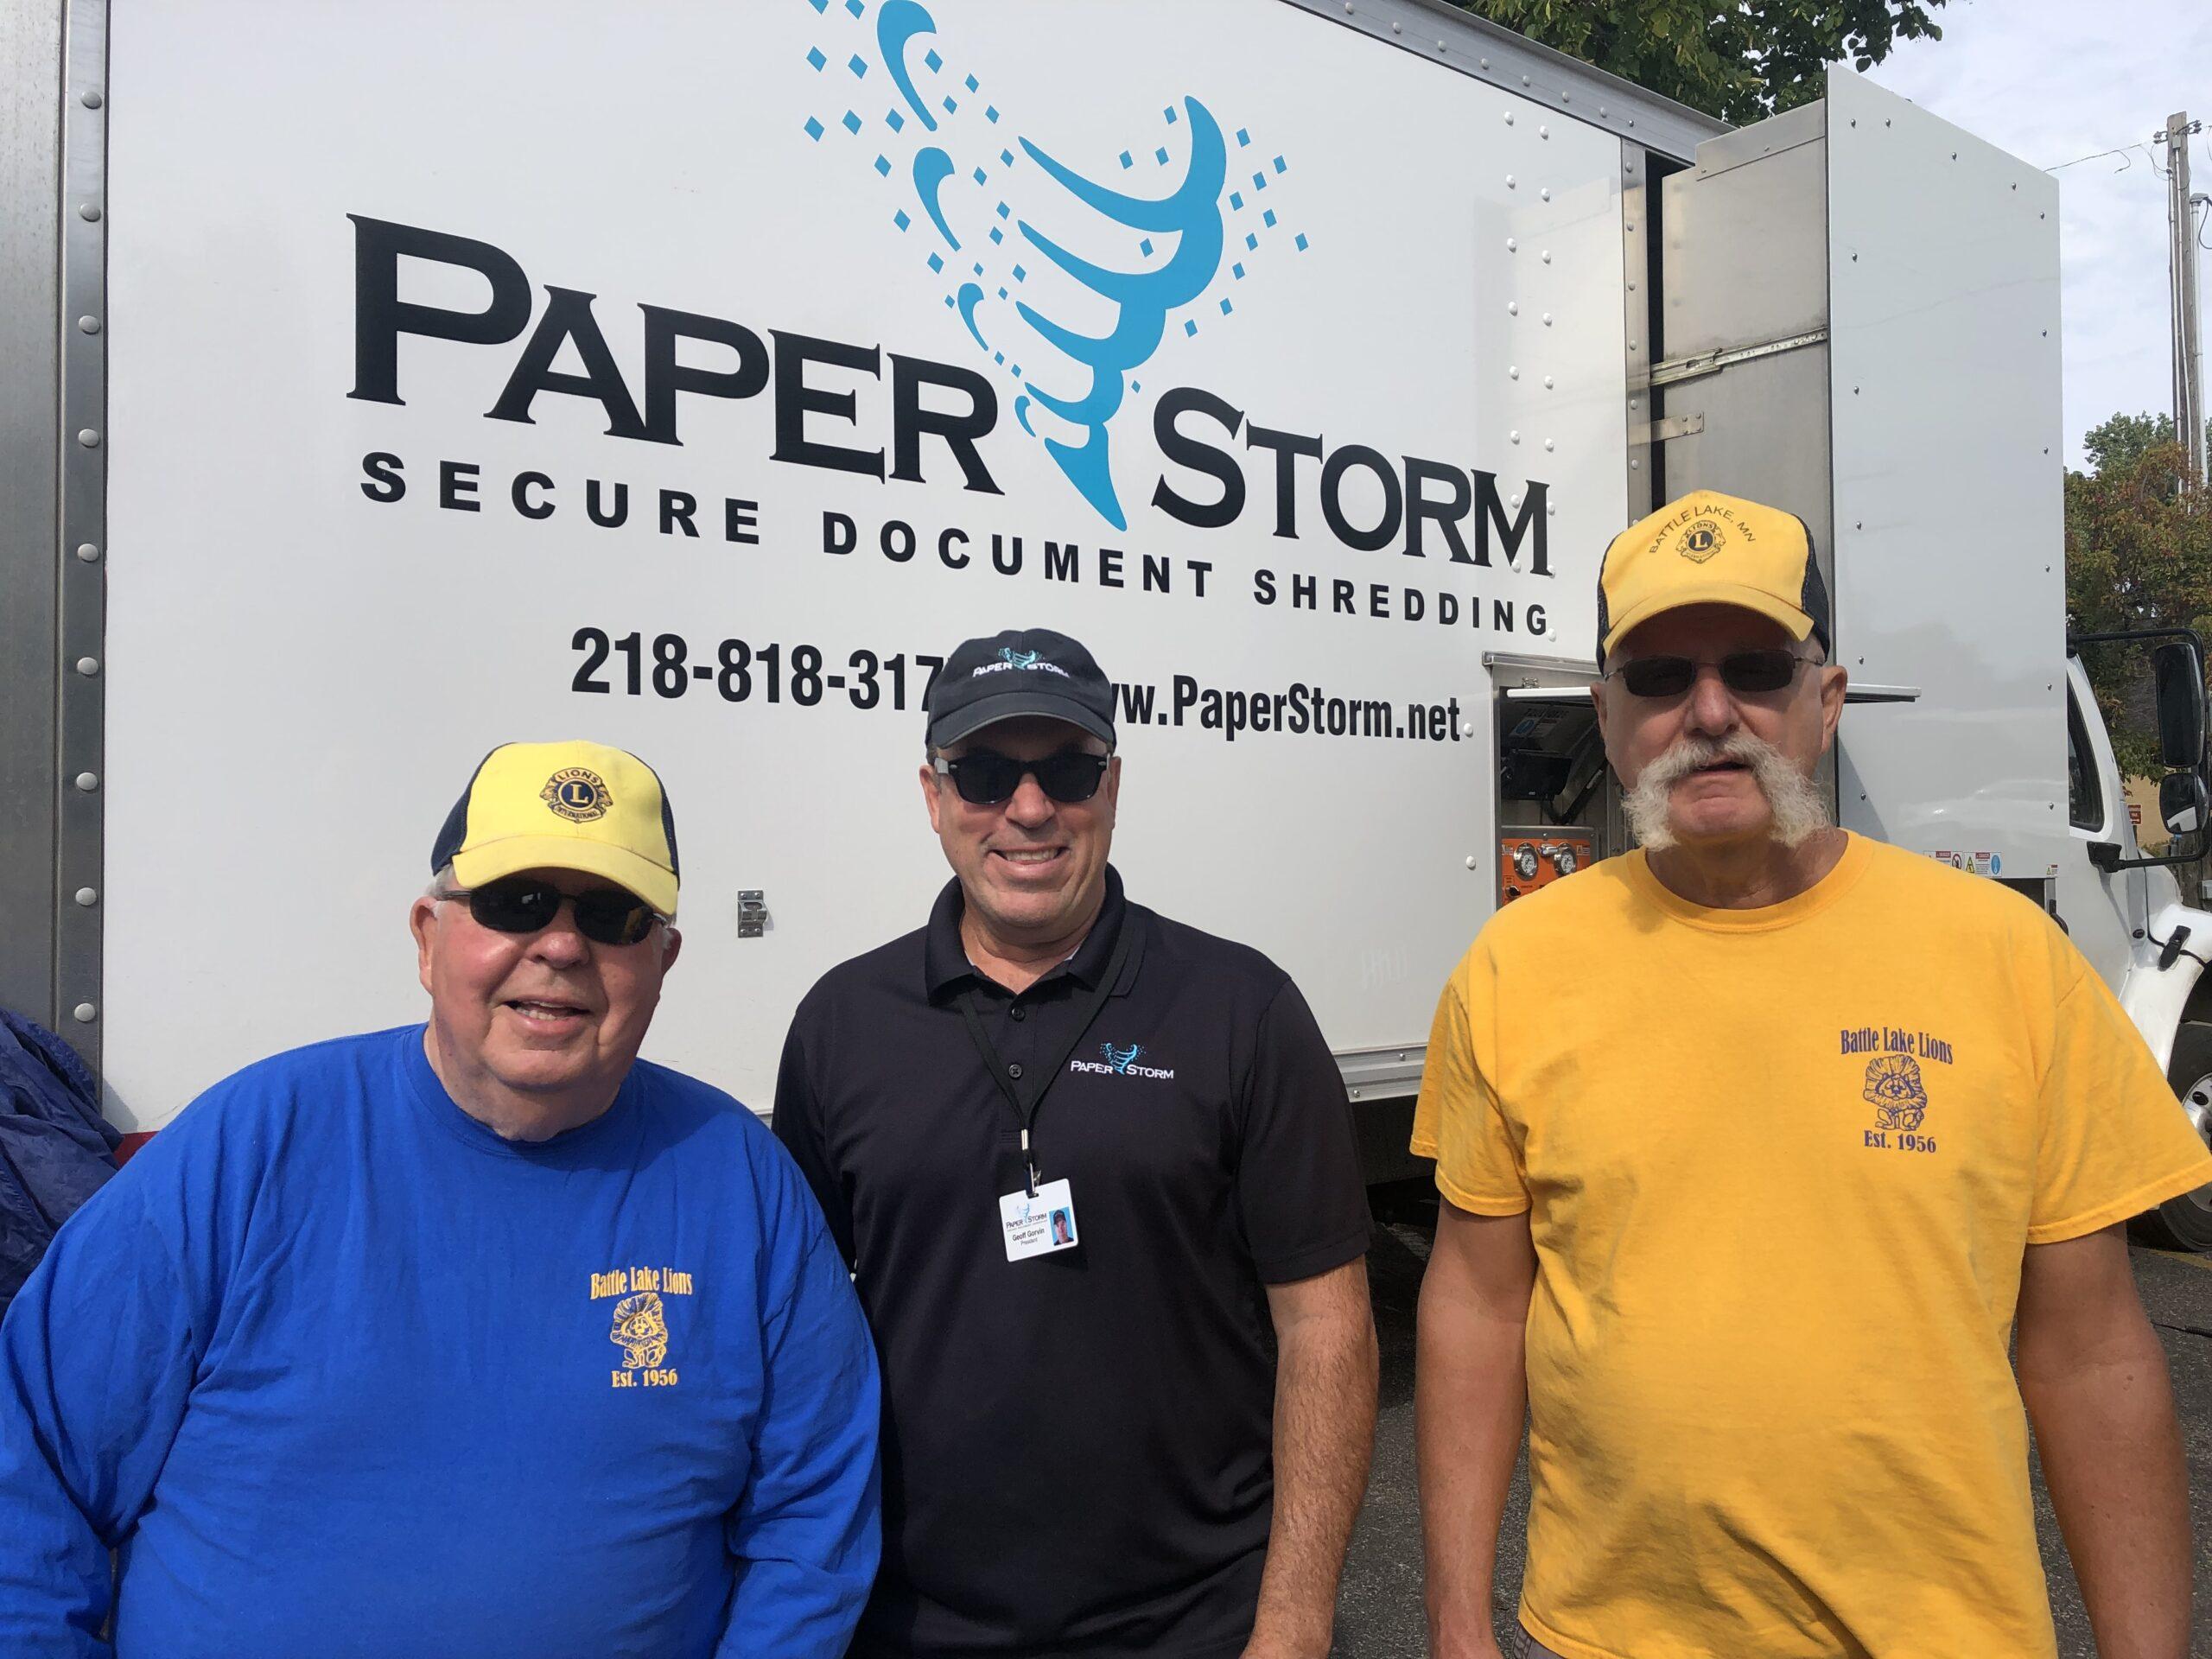 Battle Lake Lions Sponsored Paper Shredding